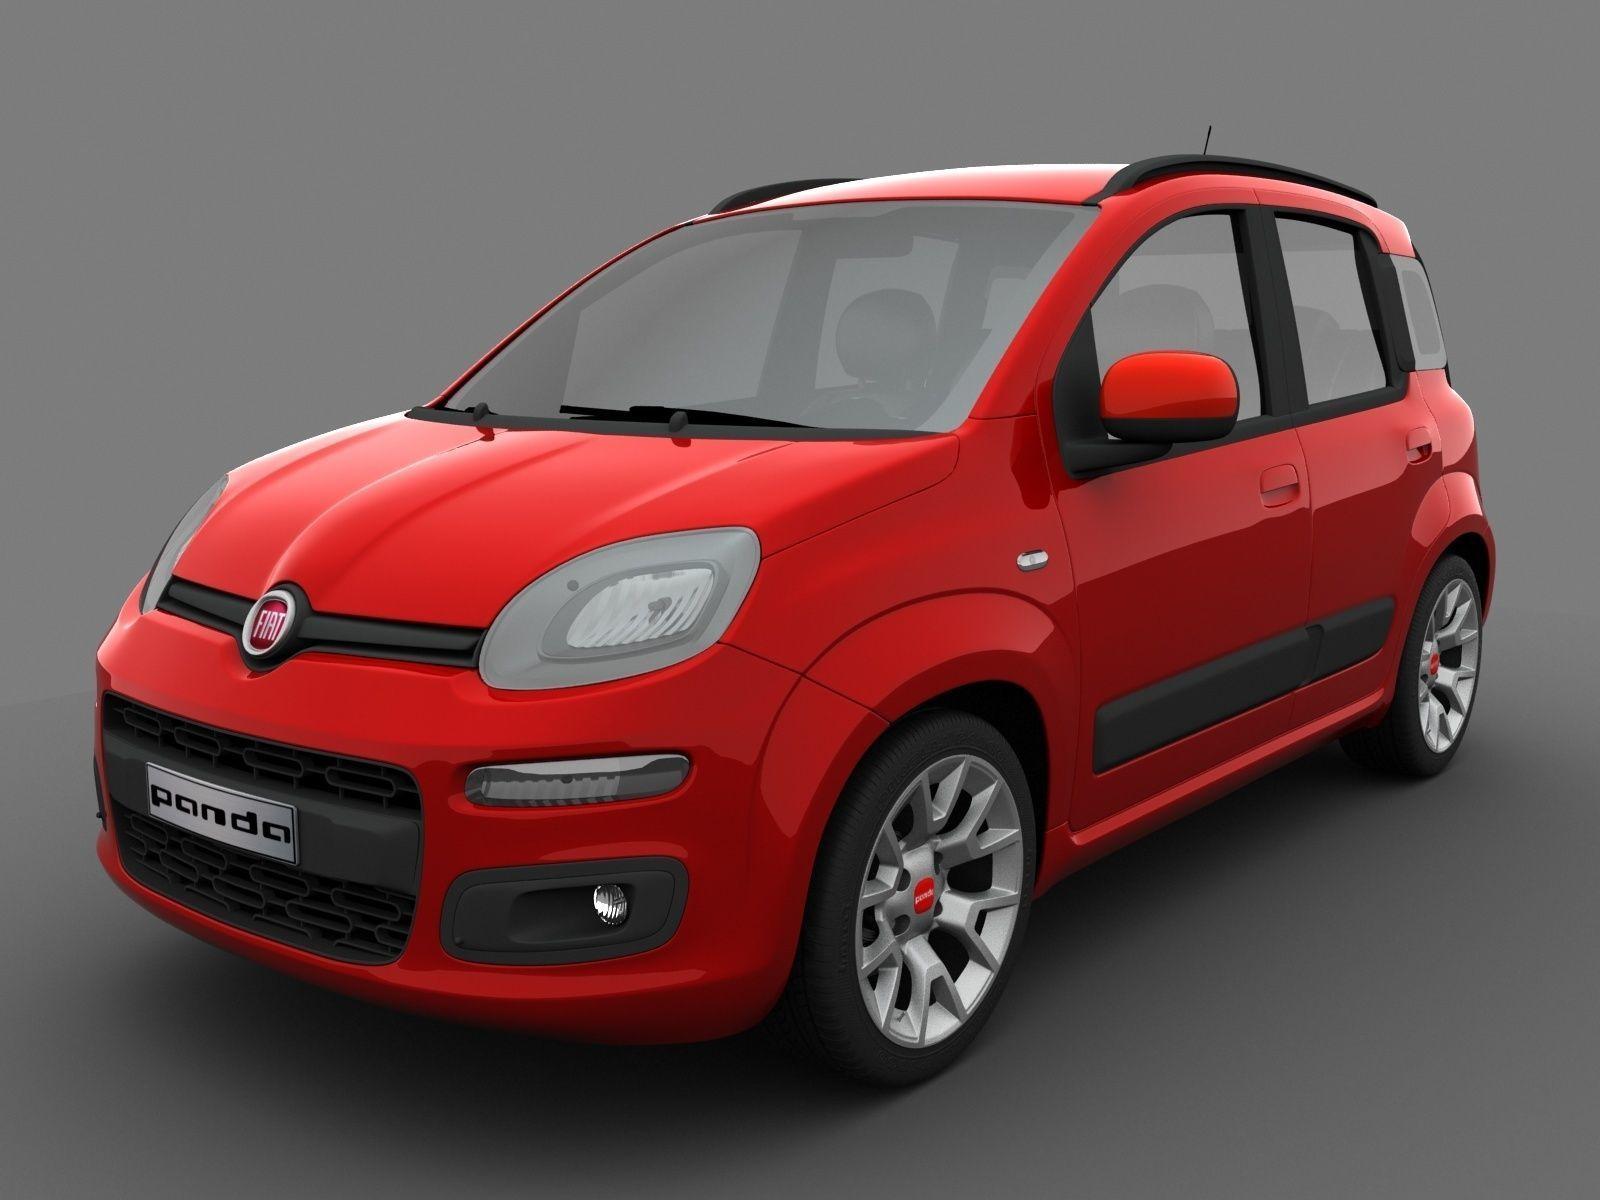 Fiat Panda 2017 >> Fiat Panda 2017 3d Model